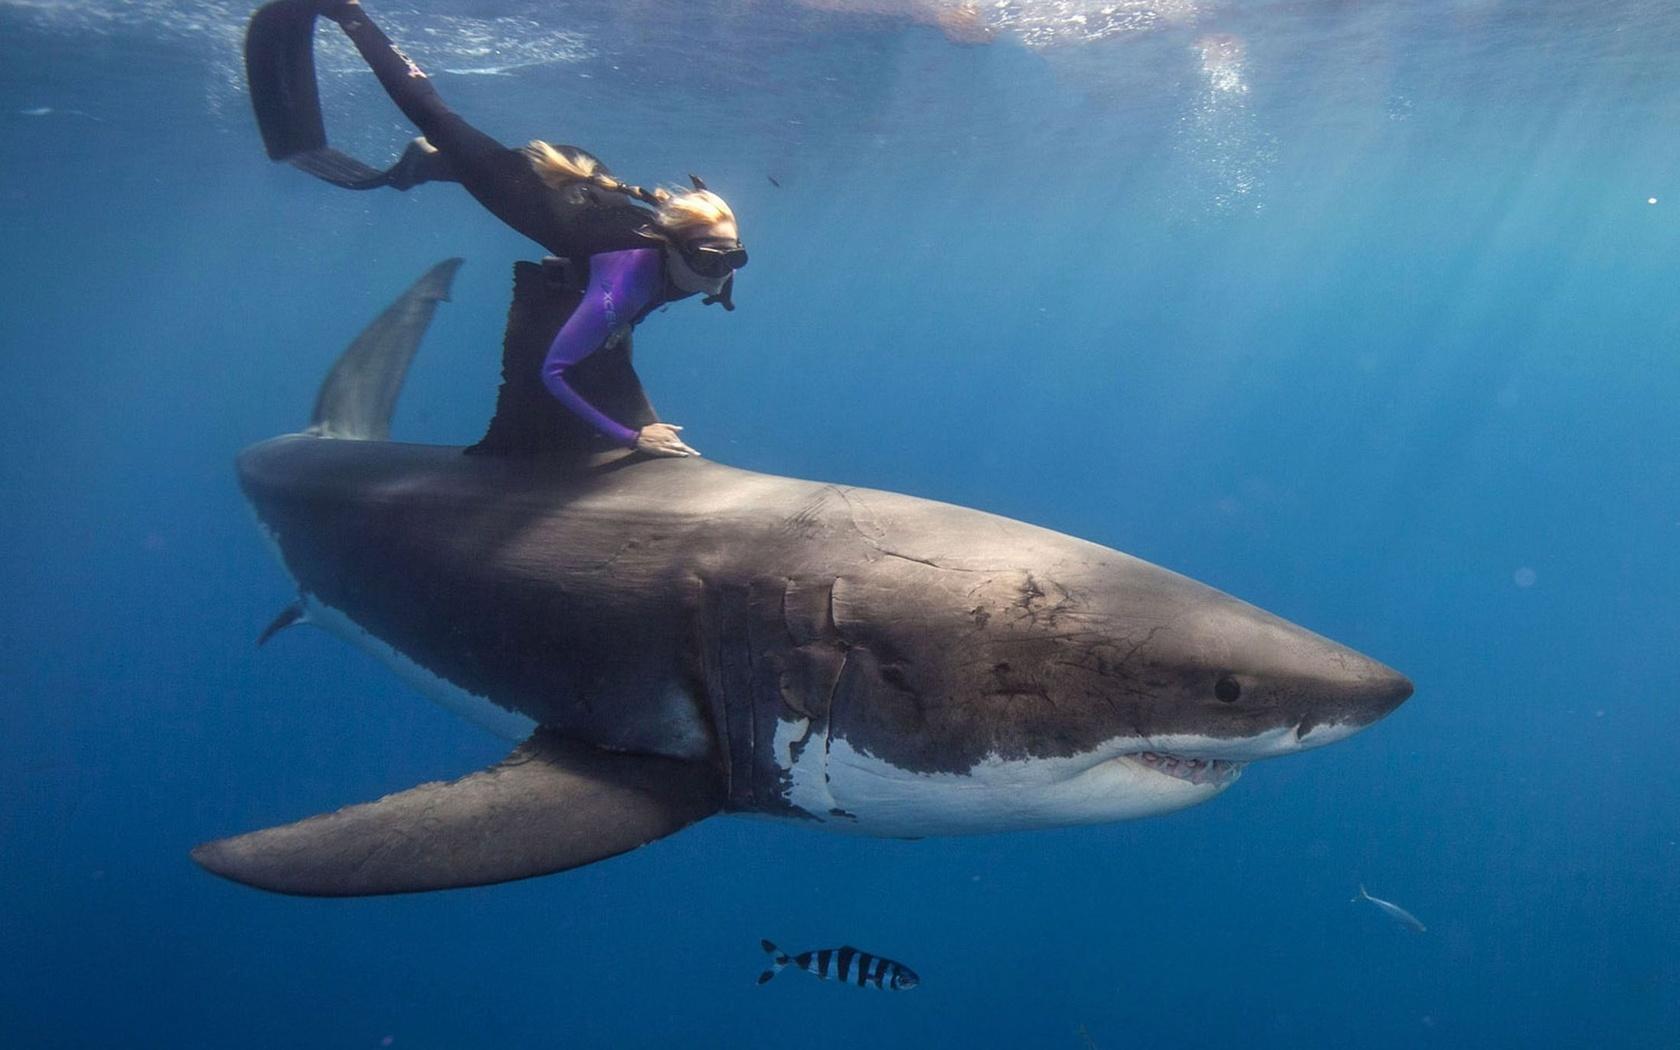 какие акулы водятся в средиземном море фото историю российской мировой